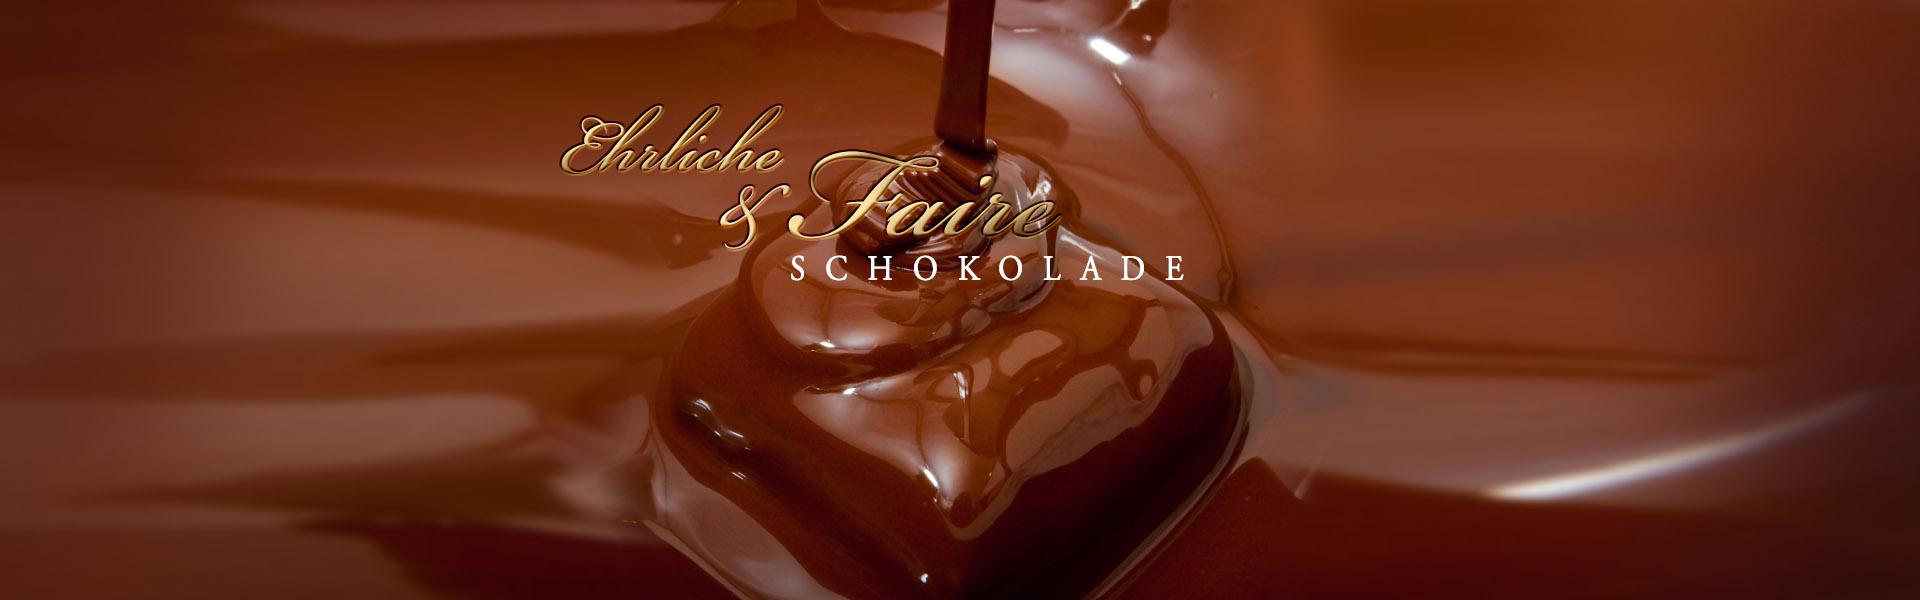 Fair hergestellte Confiserie Schokolade